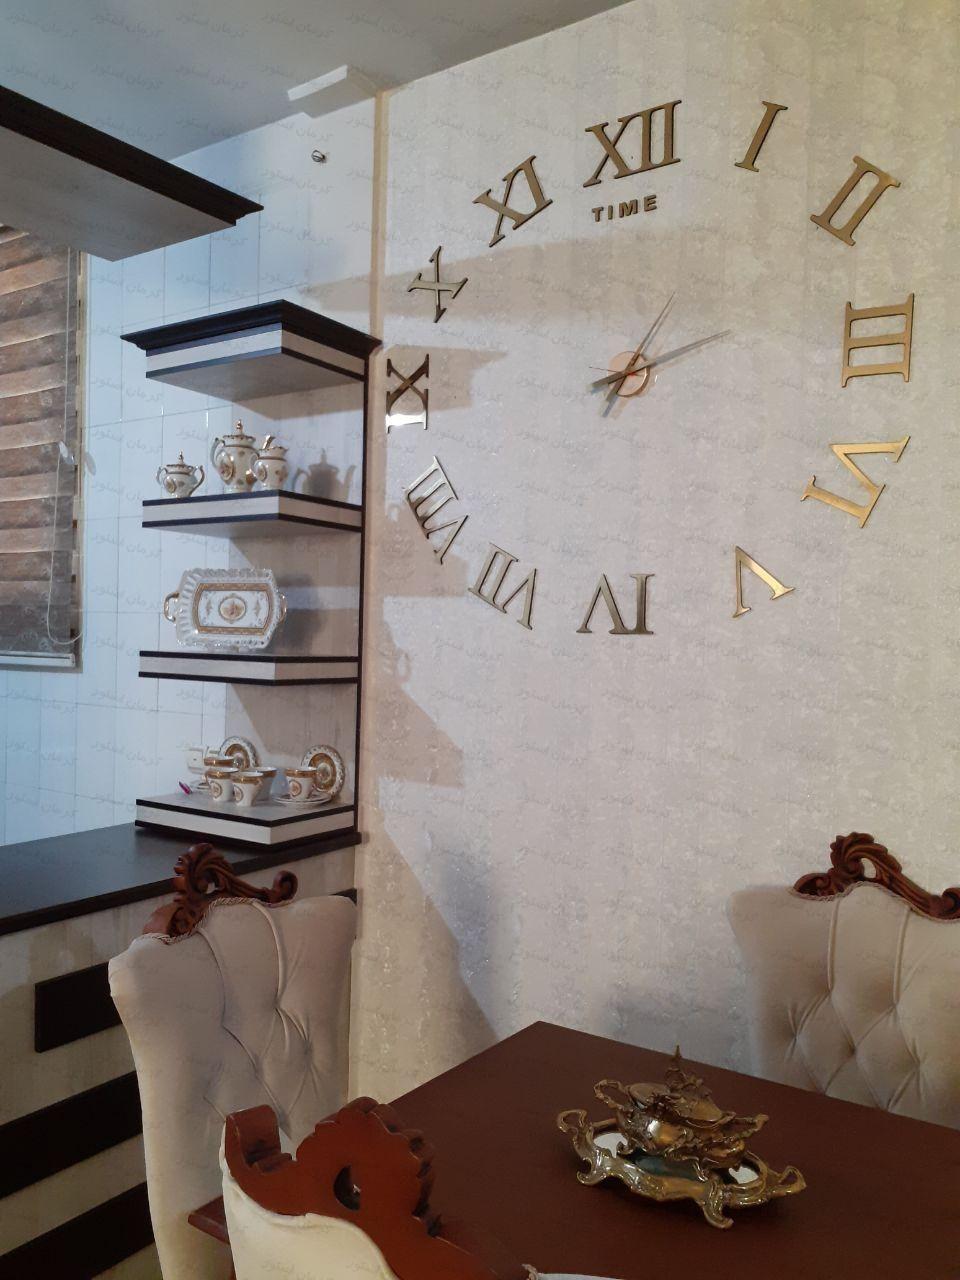 نمونه نصب شده ساعت دیواری فانتزی طرح لئوناردو